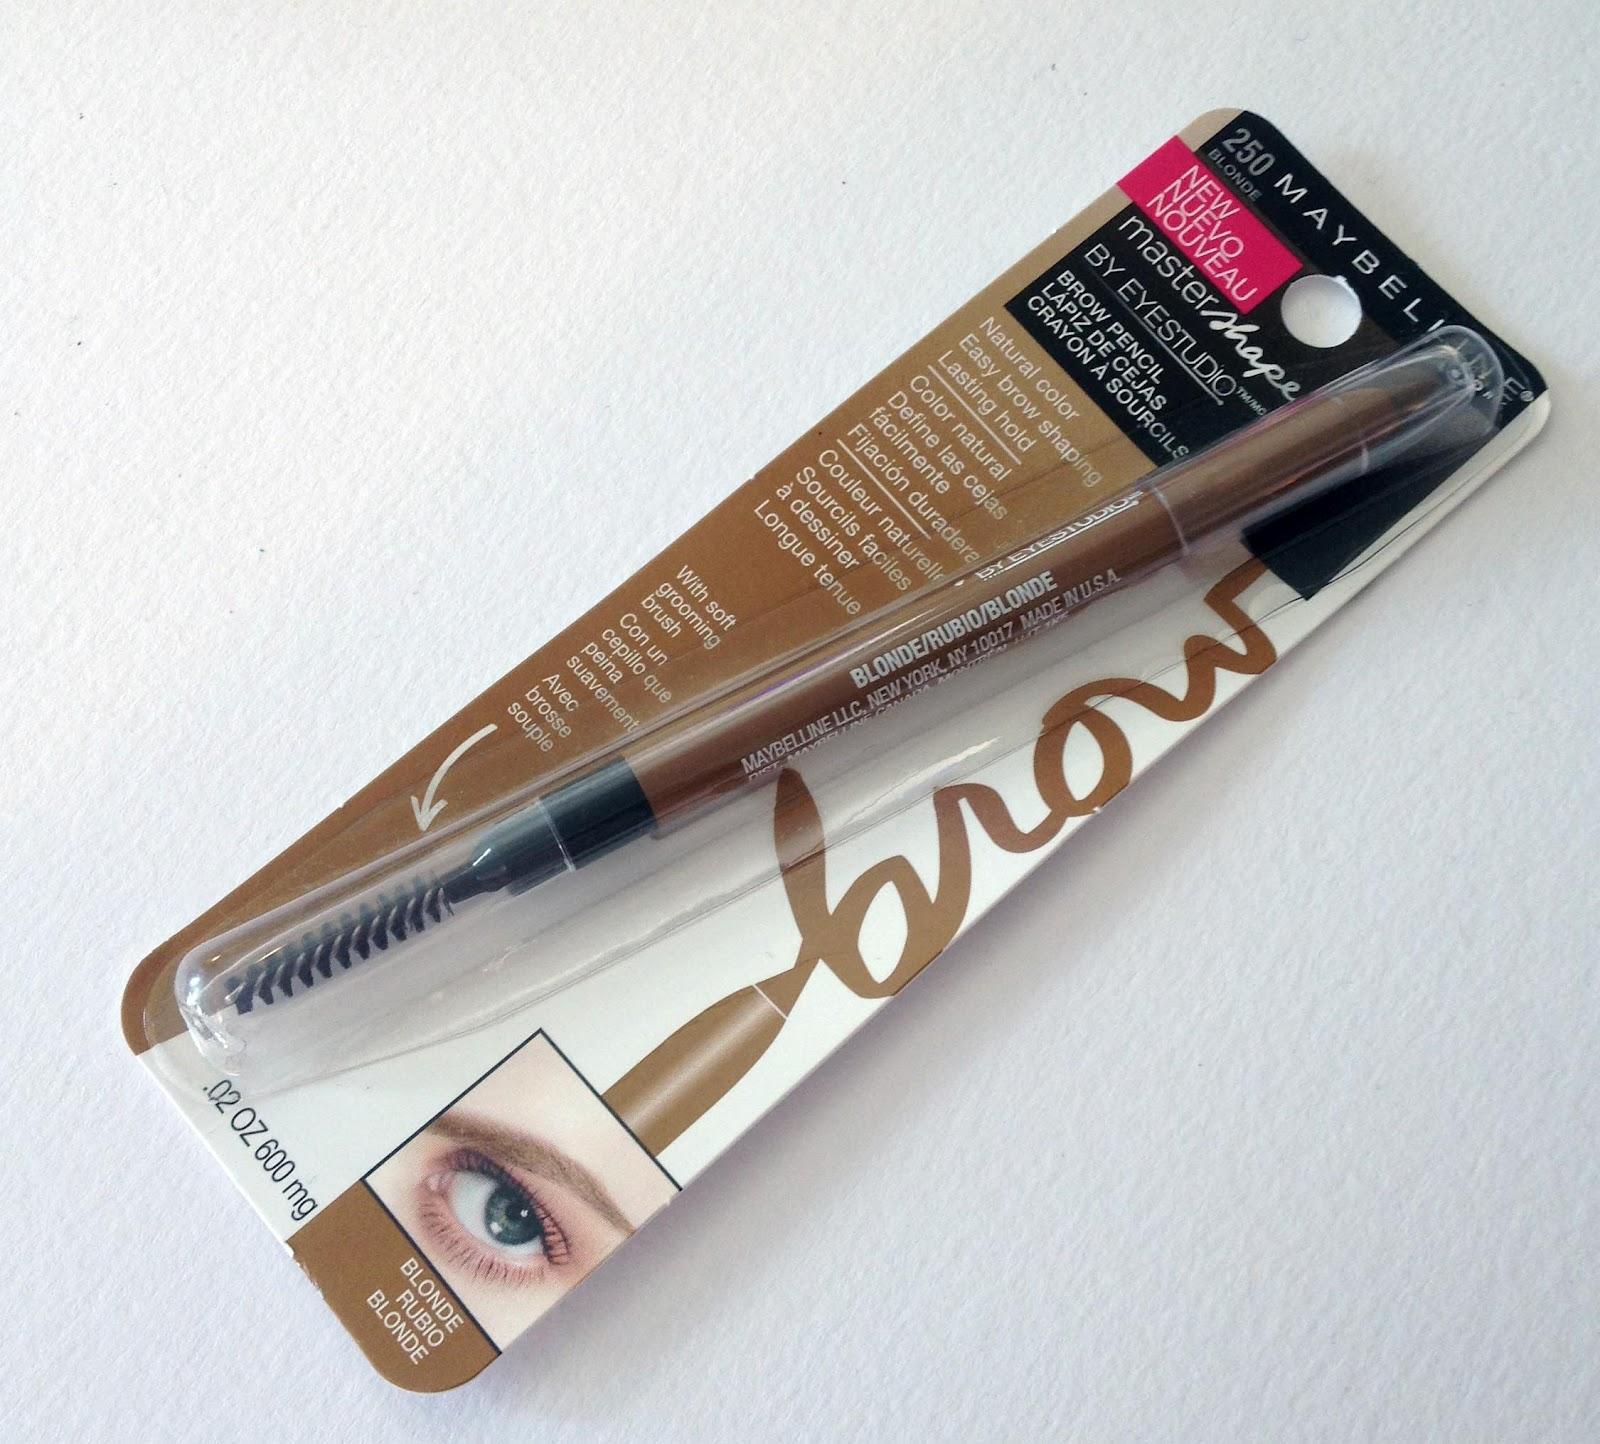 Beauté Gazette: Maybelline Master Shape Brow Pencil - Blonde